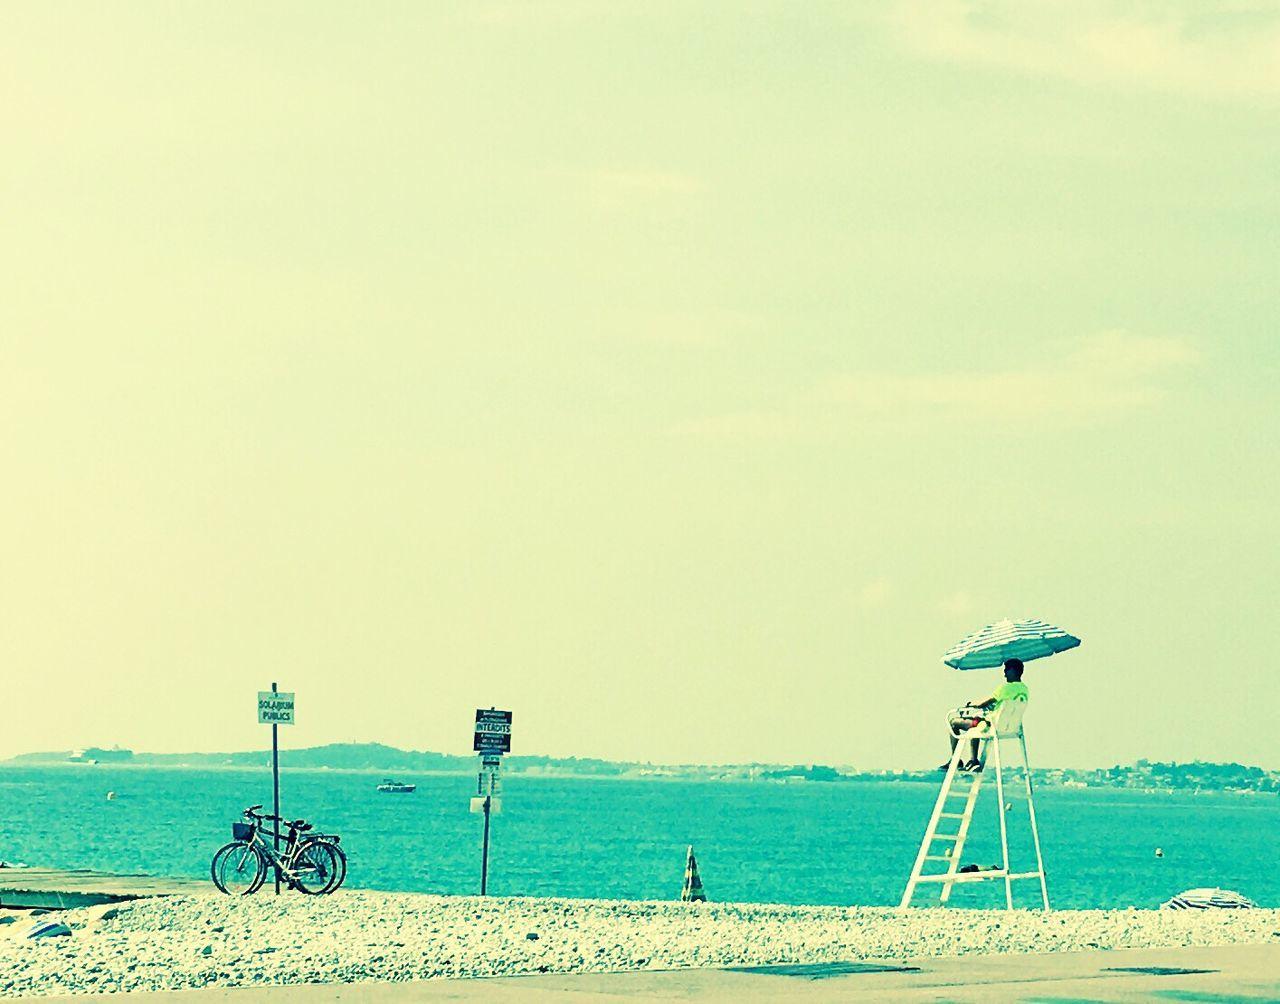 Praia Água Mar Férias Bicicleta guarda-chuva de praia - EyeEm - 웹